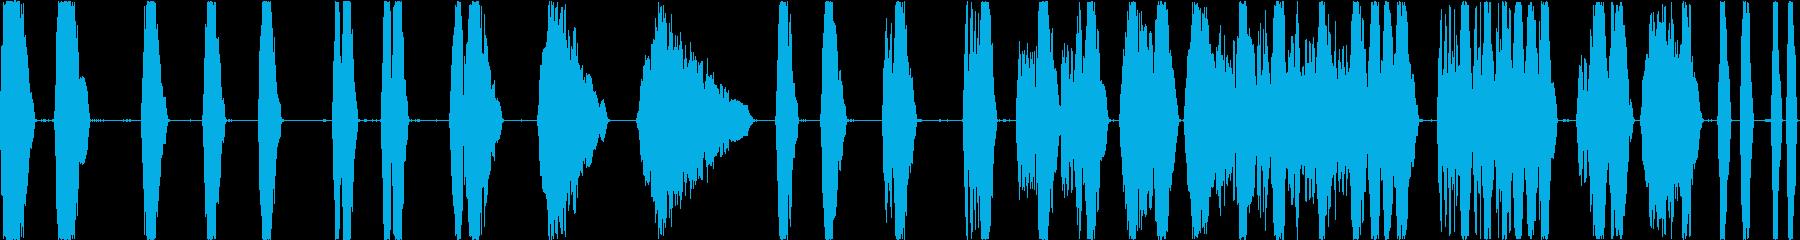 レーザーバトルタンクショットの再生済みの波形